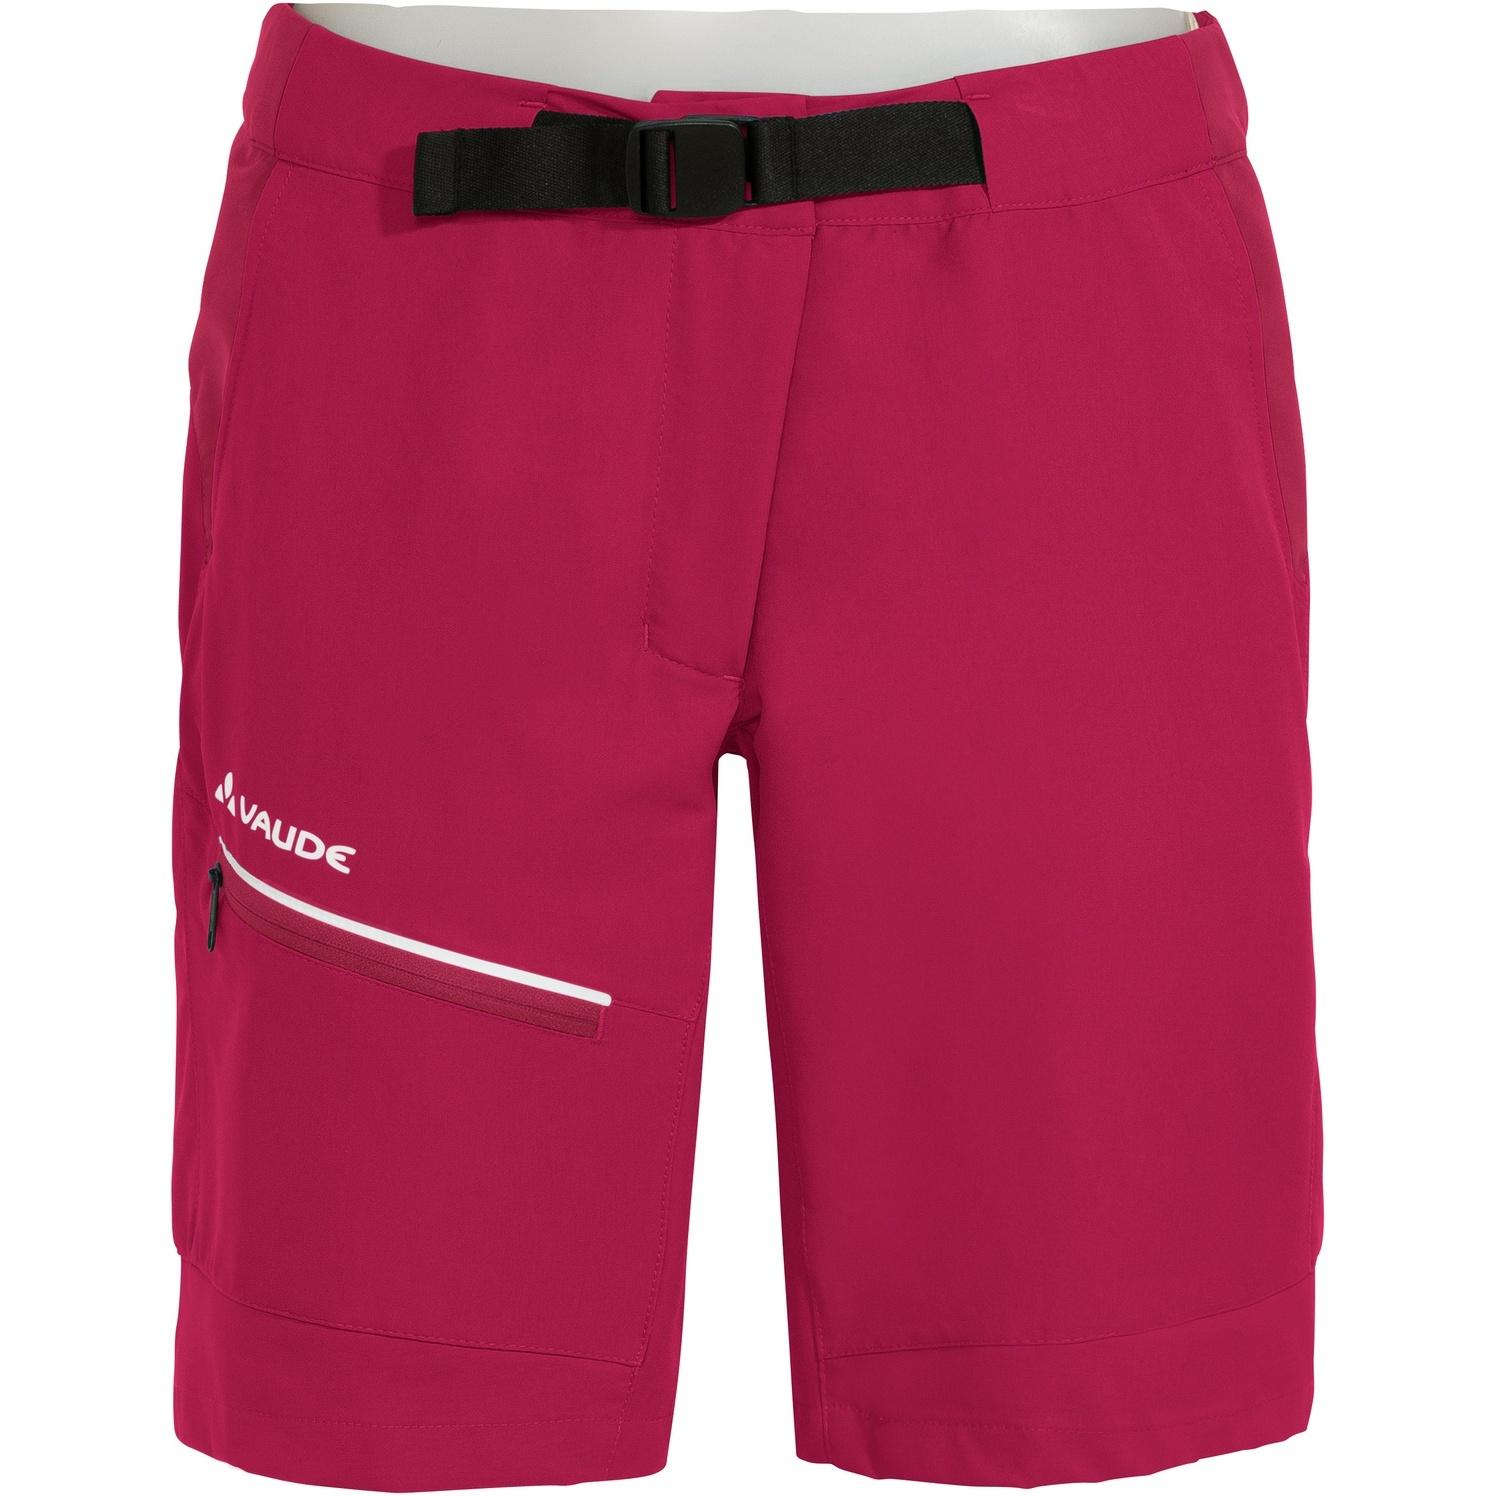 Vaude Women's Tekoa Shorts II - crimson red